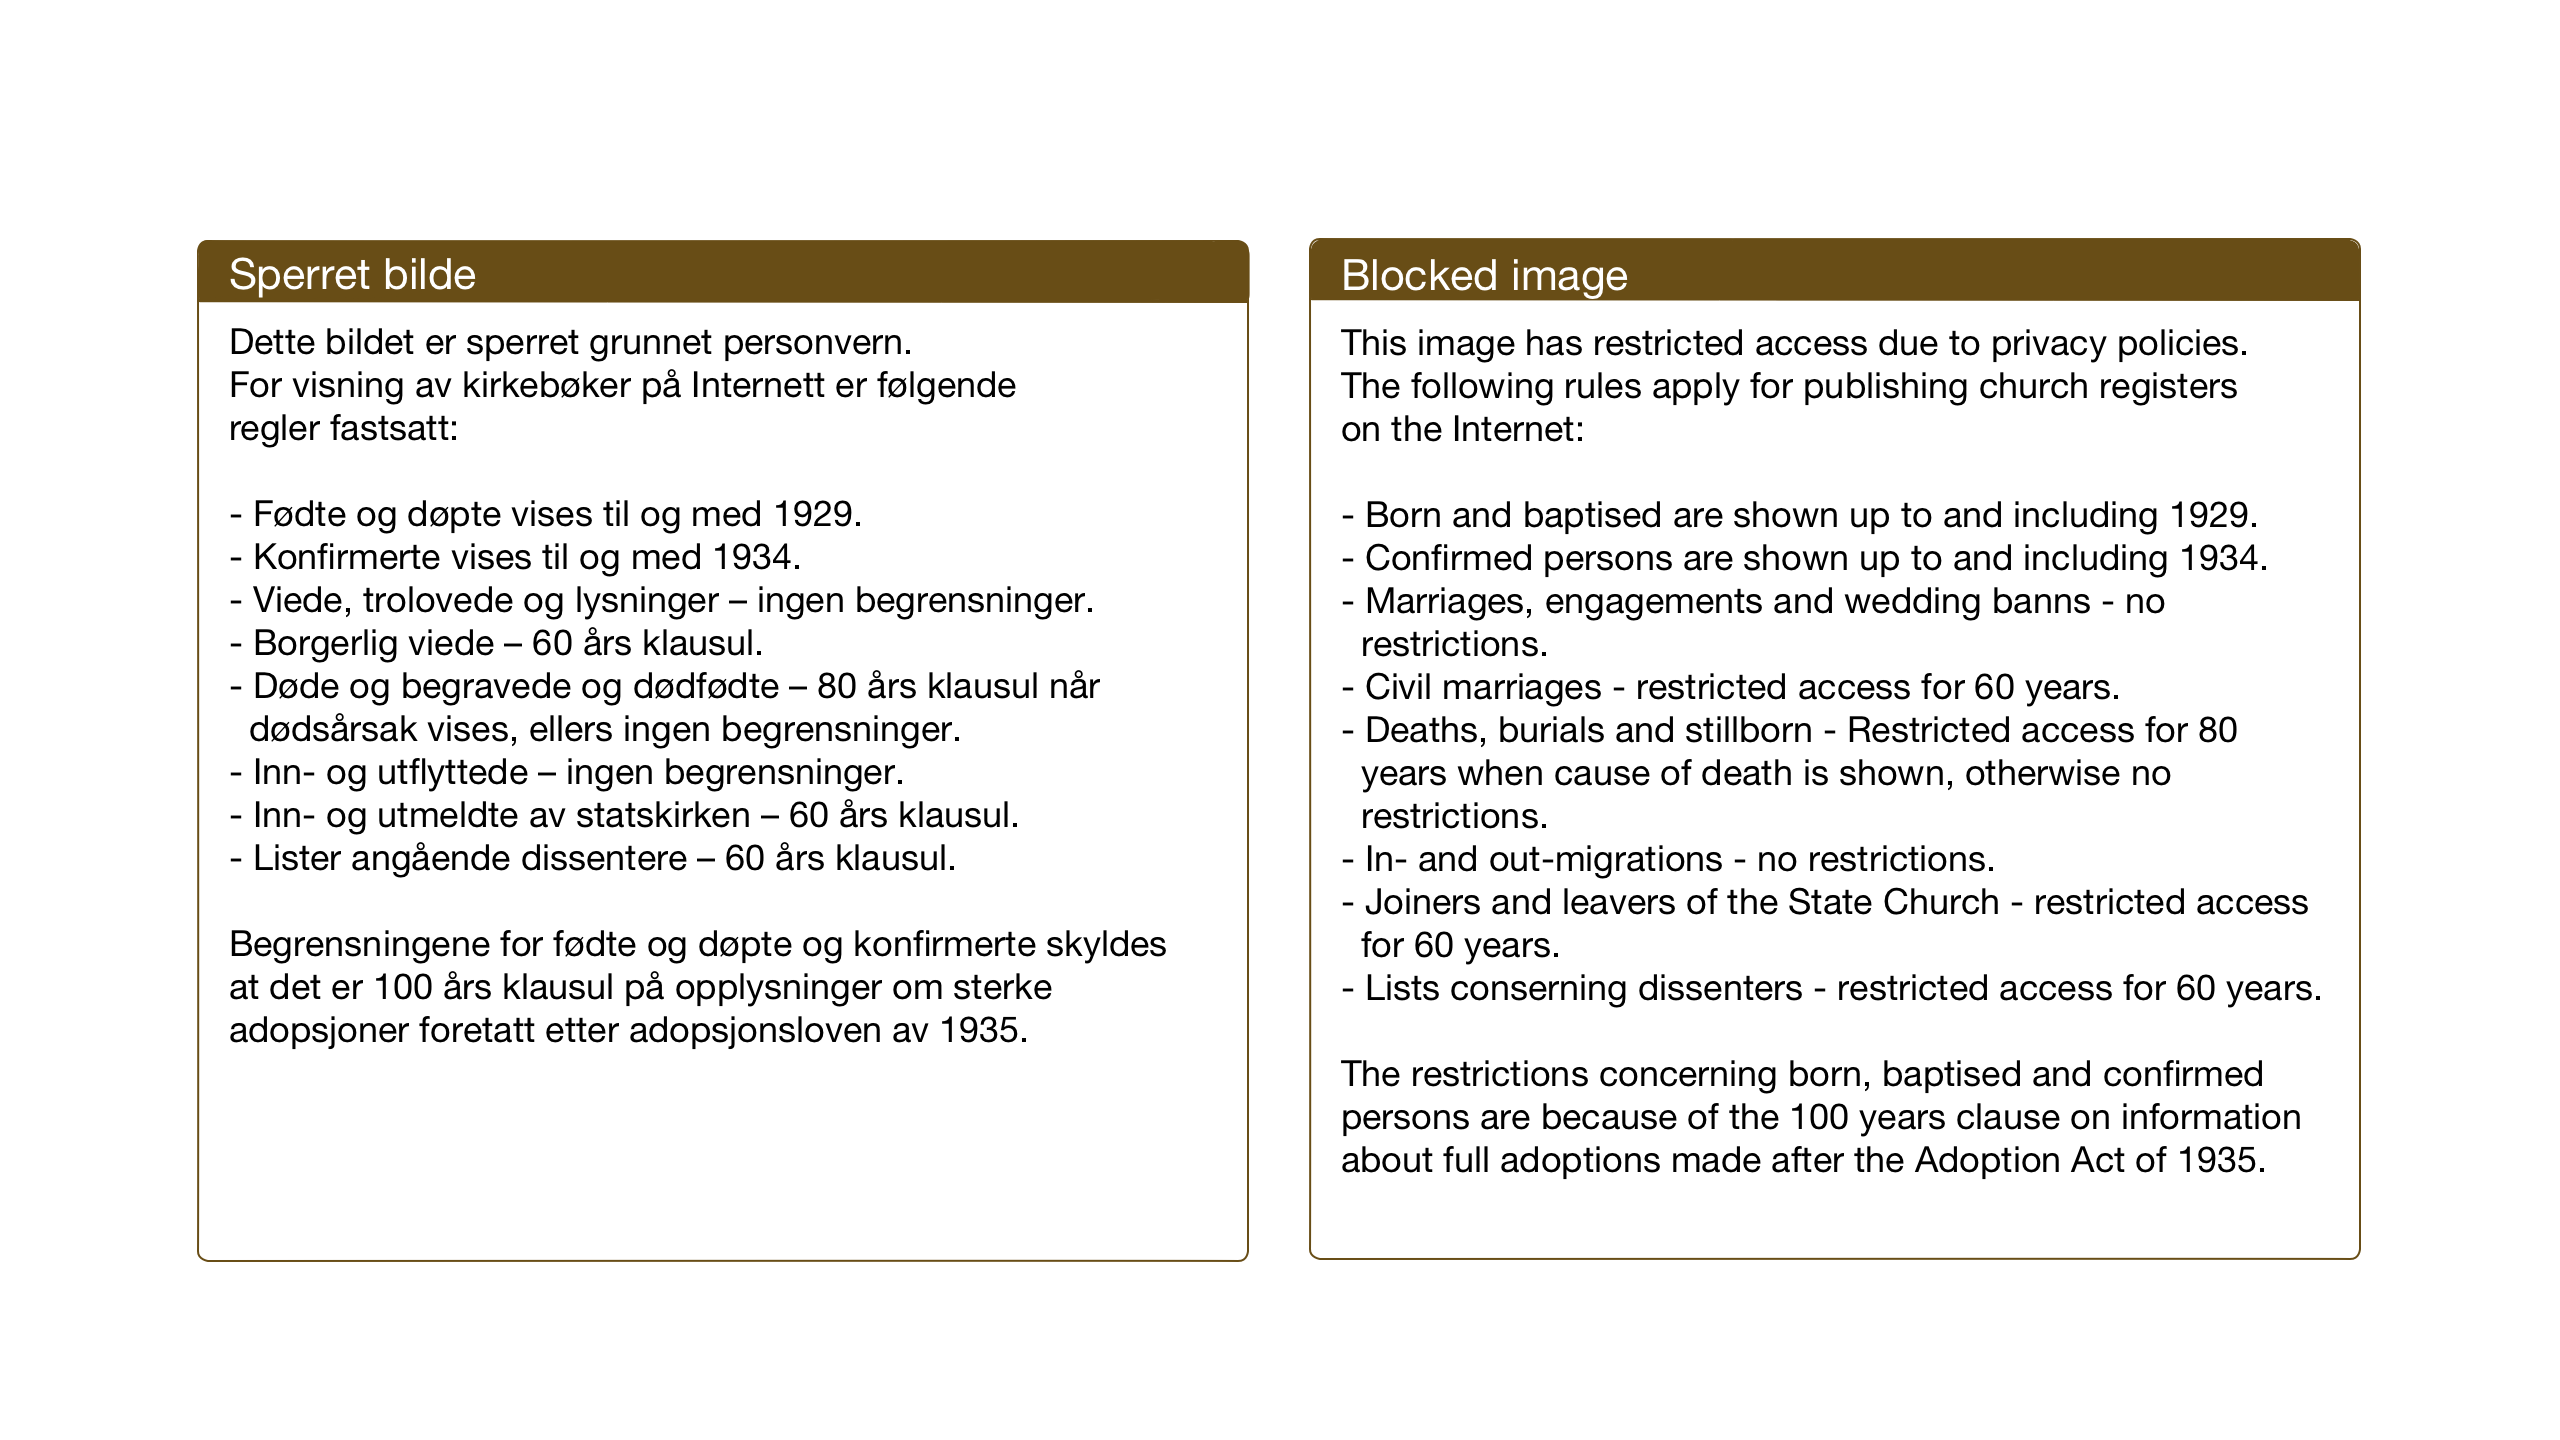 SAT, Ministerialprotokoller, klokkerbøker og fødselsregistre - Sør-Trøndelag, 633/L0521: Klokkerbok nr. 633C03, 1921-1941, s. 66